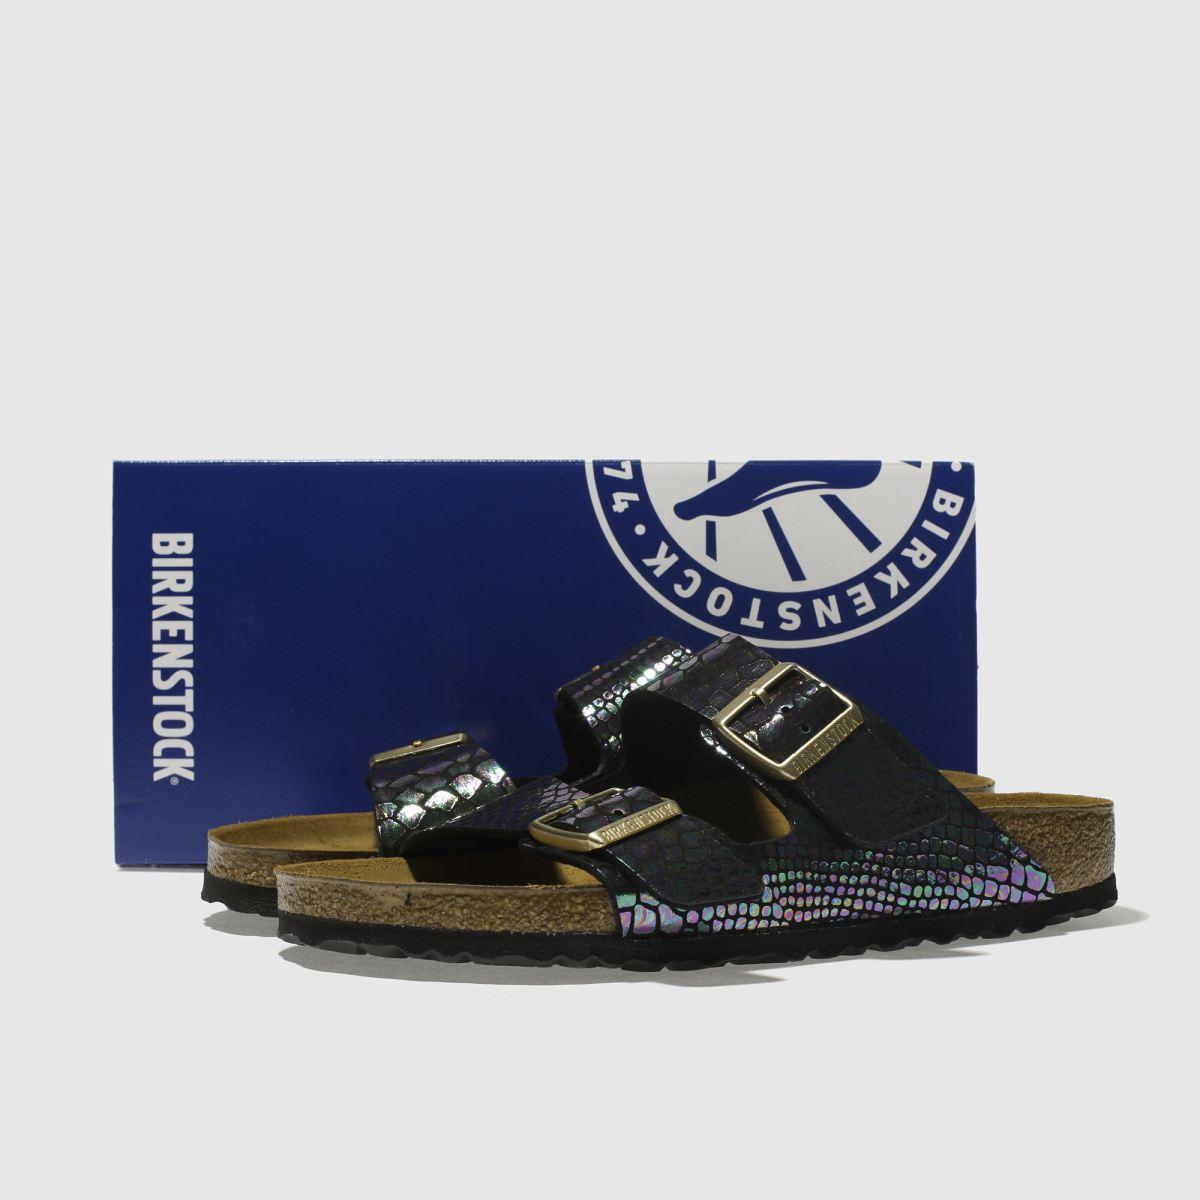 Damen Schwarz birkenstock Arizona schuh Shiny Snake Sandalen   schuh Arizona Gute Qualität beliebte Schuhe f697f9